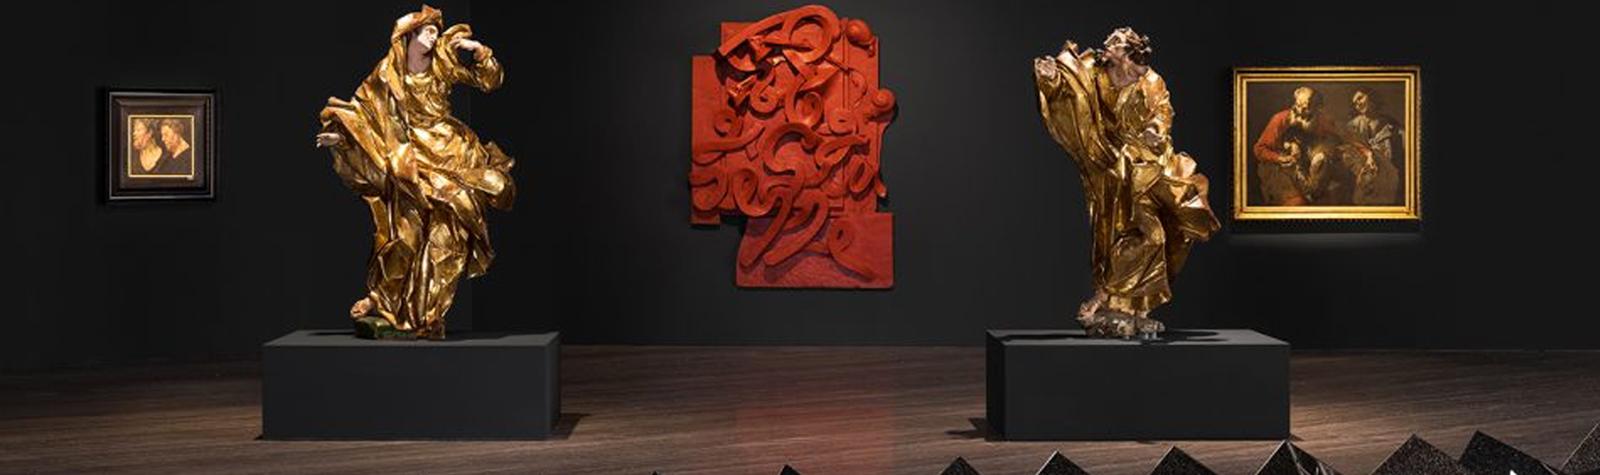 Mostra sul Barocco a Fondazione Prada di Milano